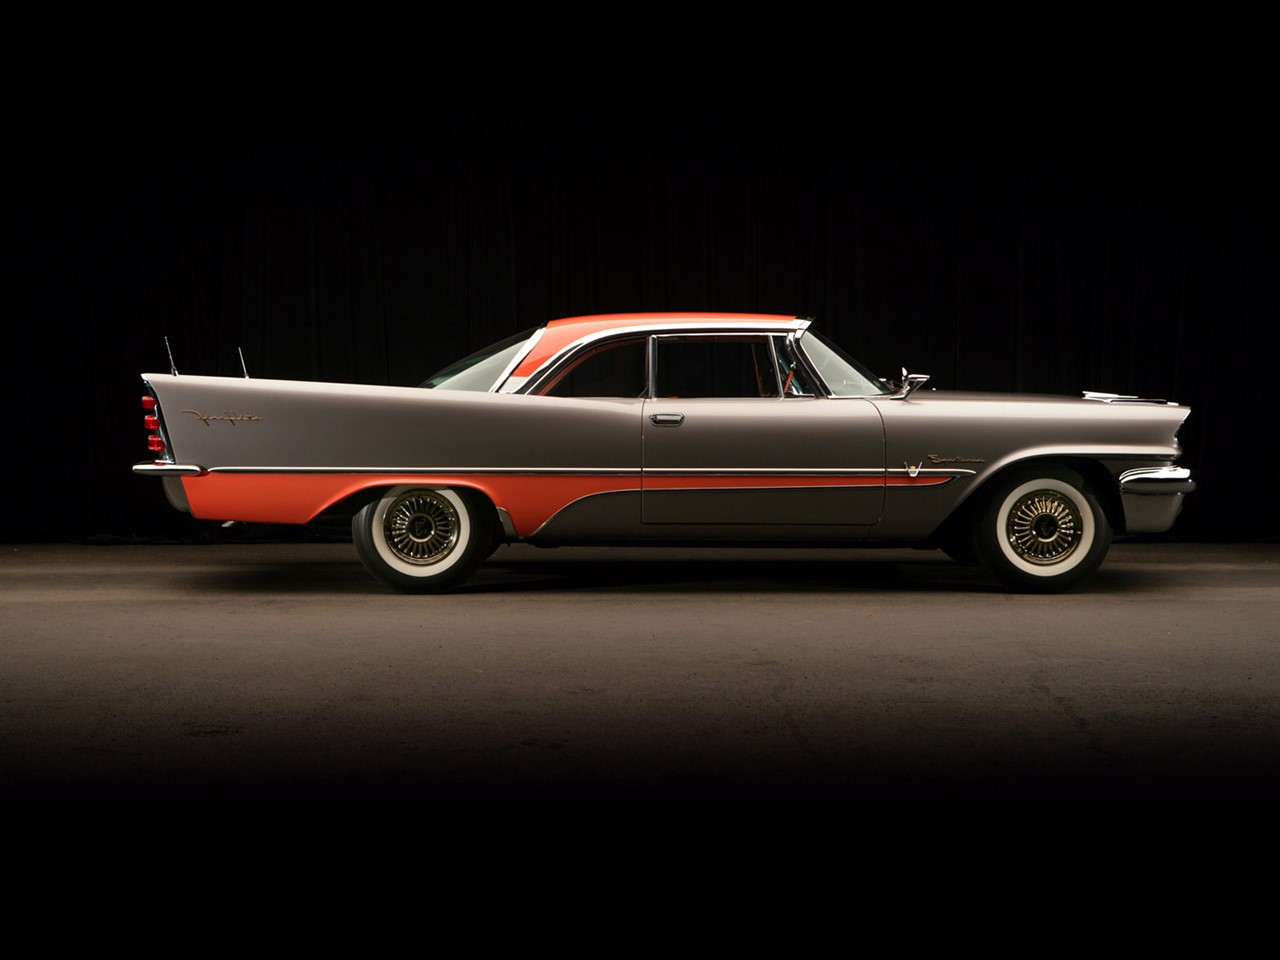 1957DeSotoFireflite 2-door hardtop 2